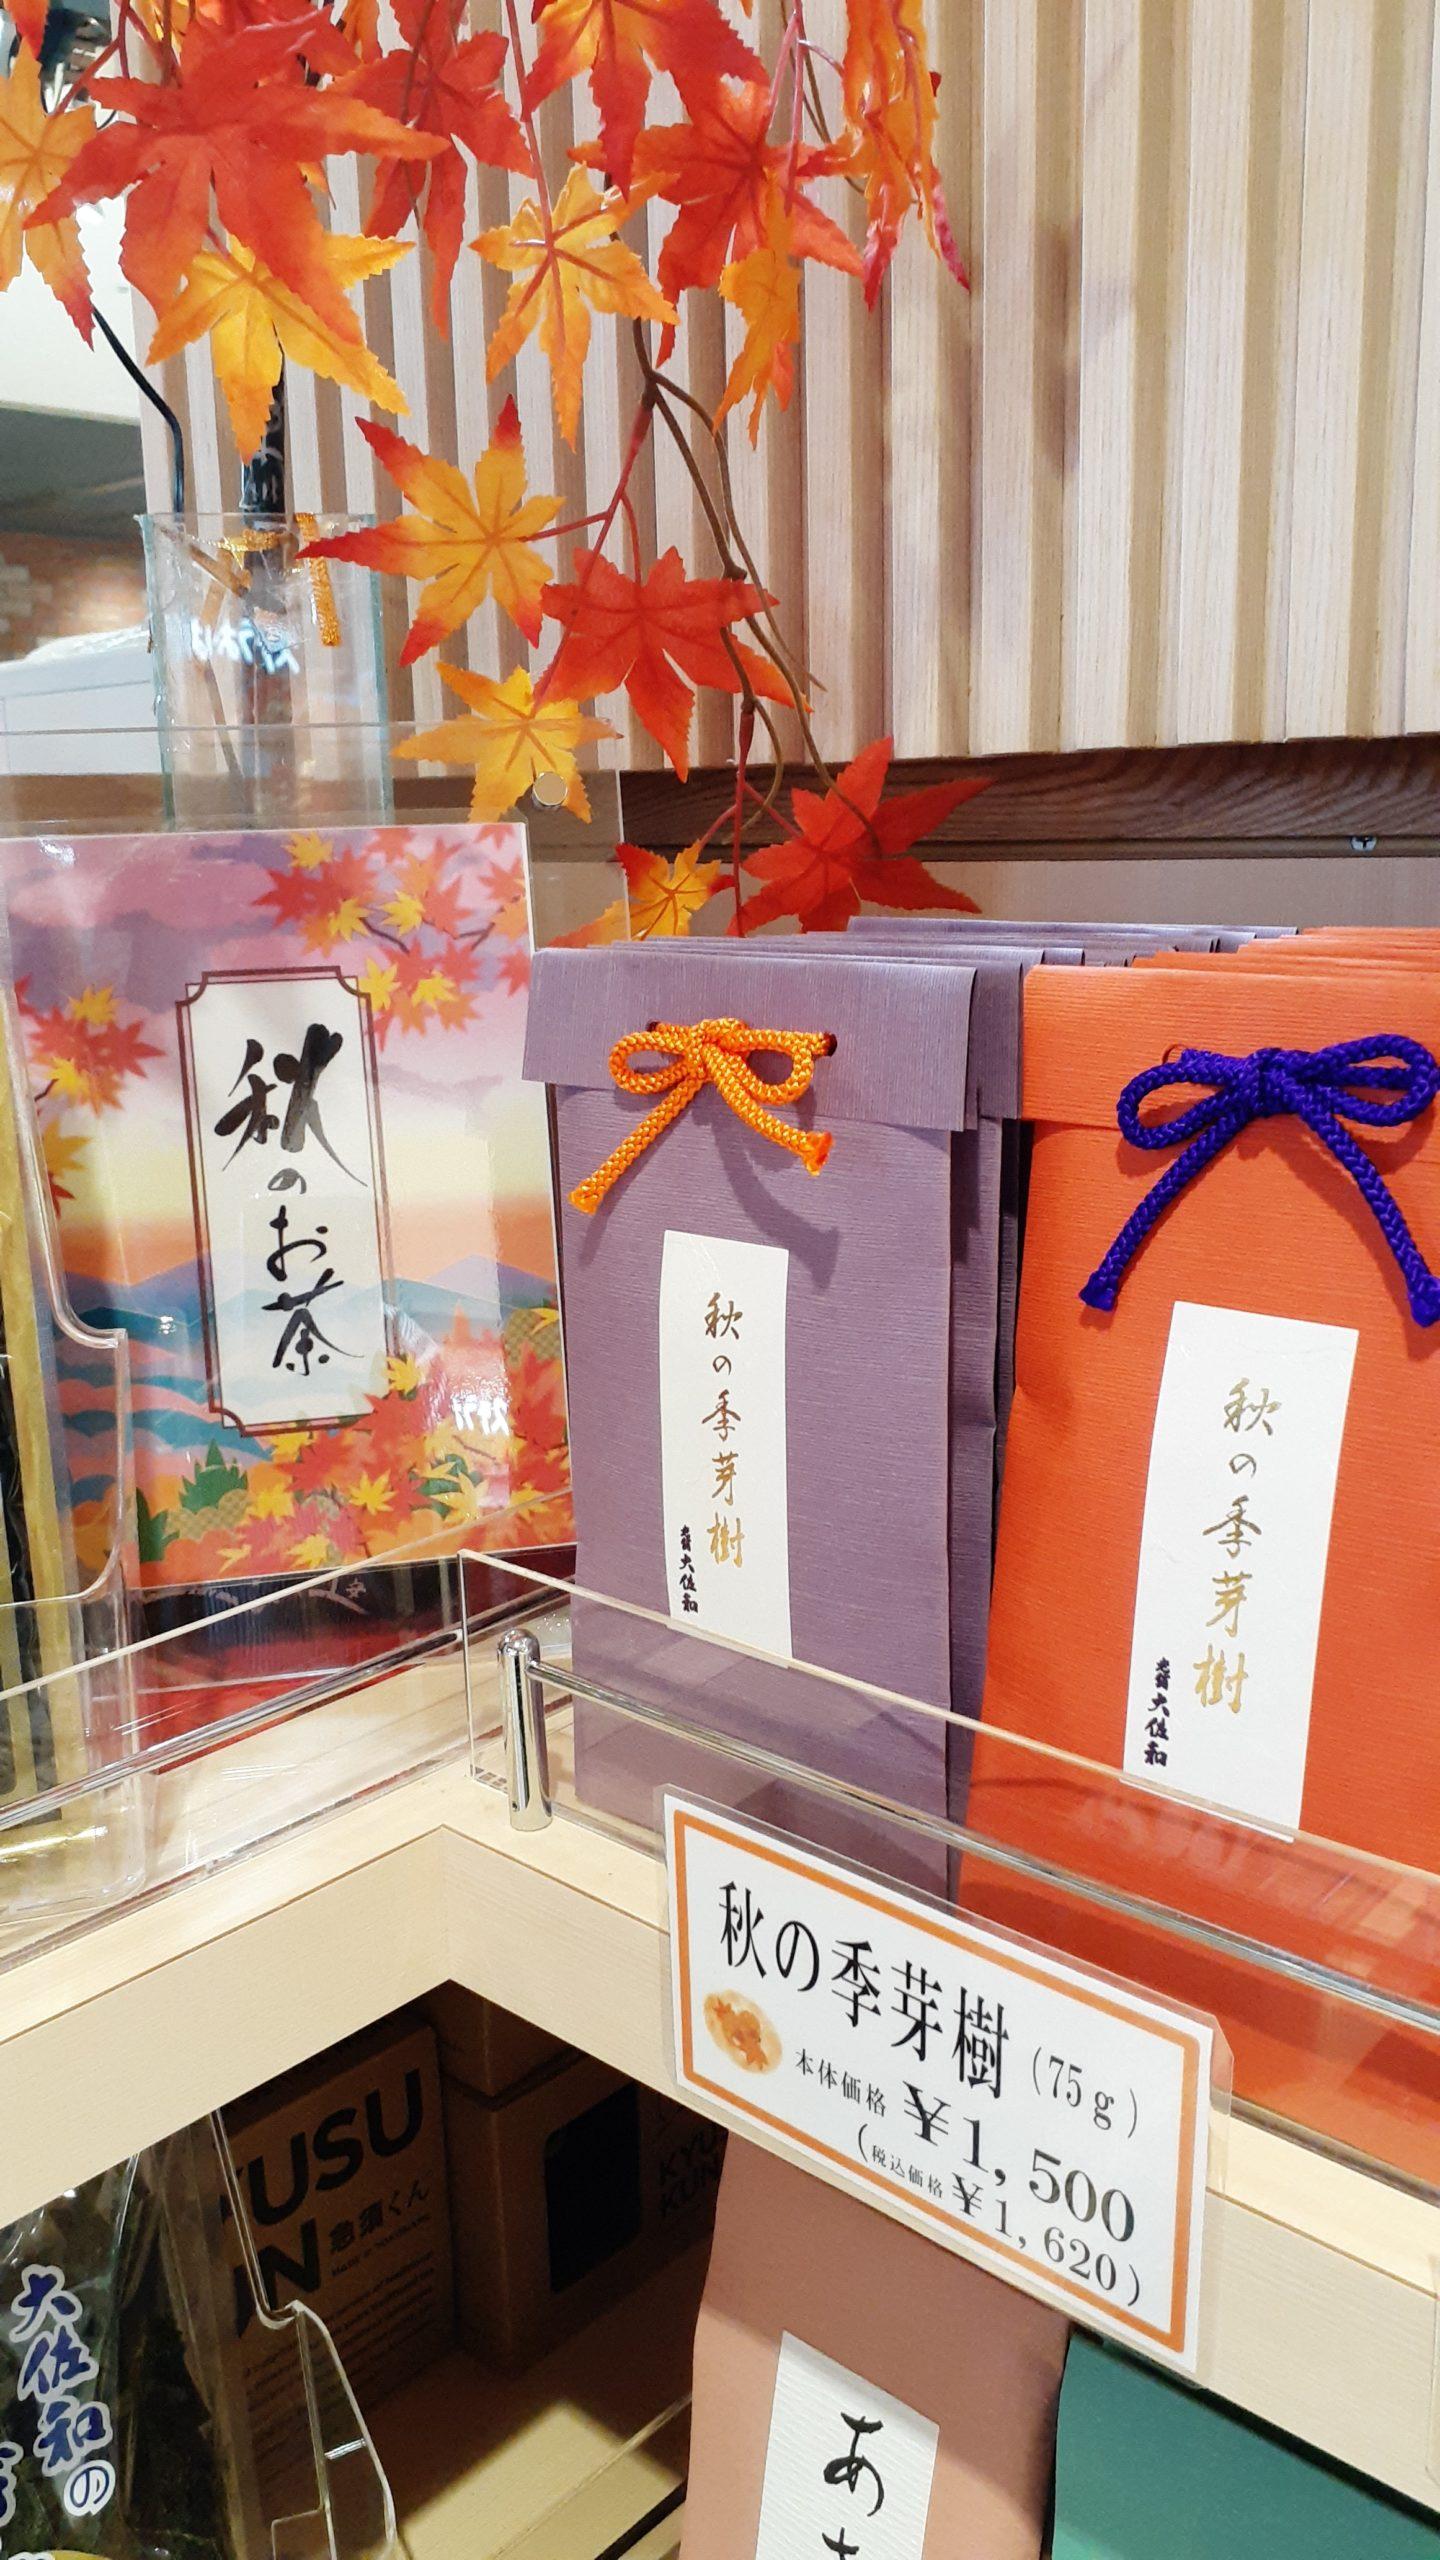 吉村スタッフブログ【日本茶ねほりはほり】の取材をうけました♪